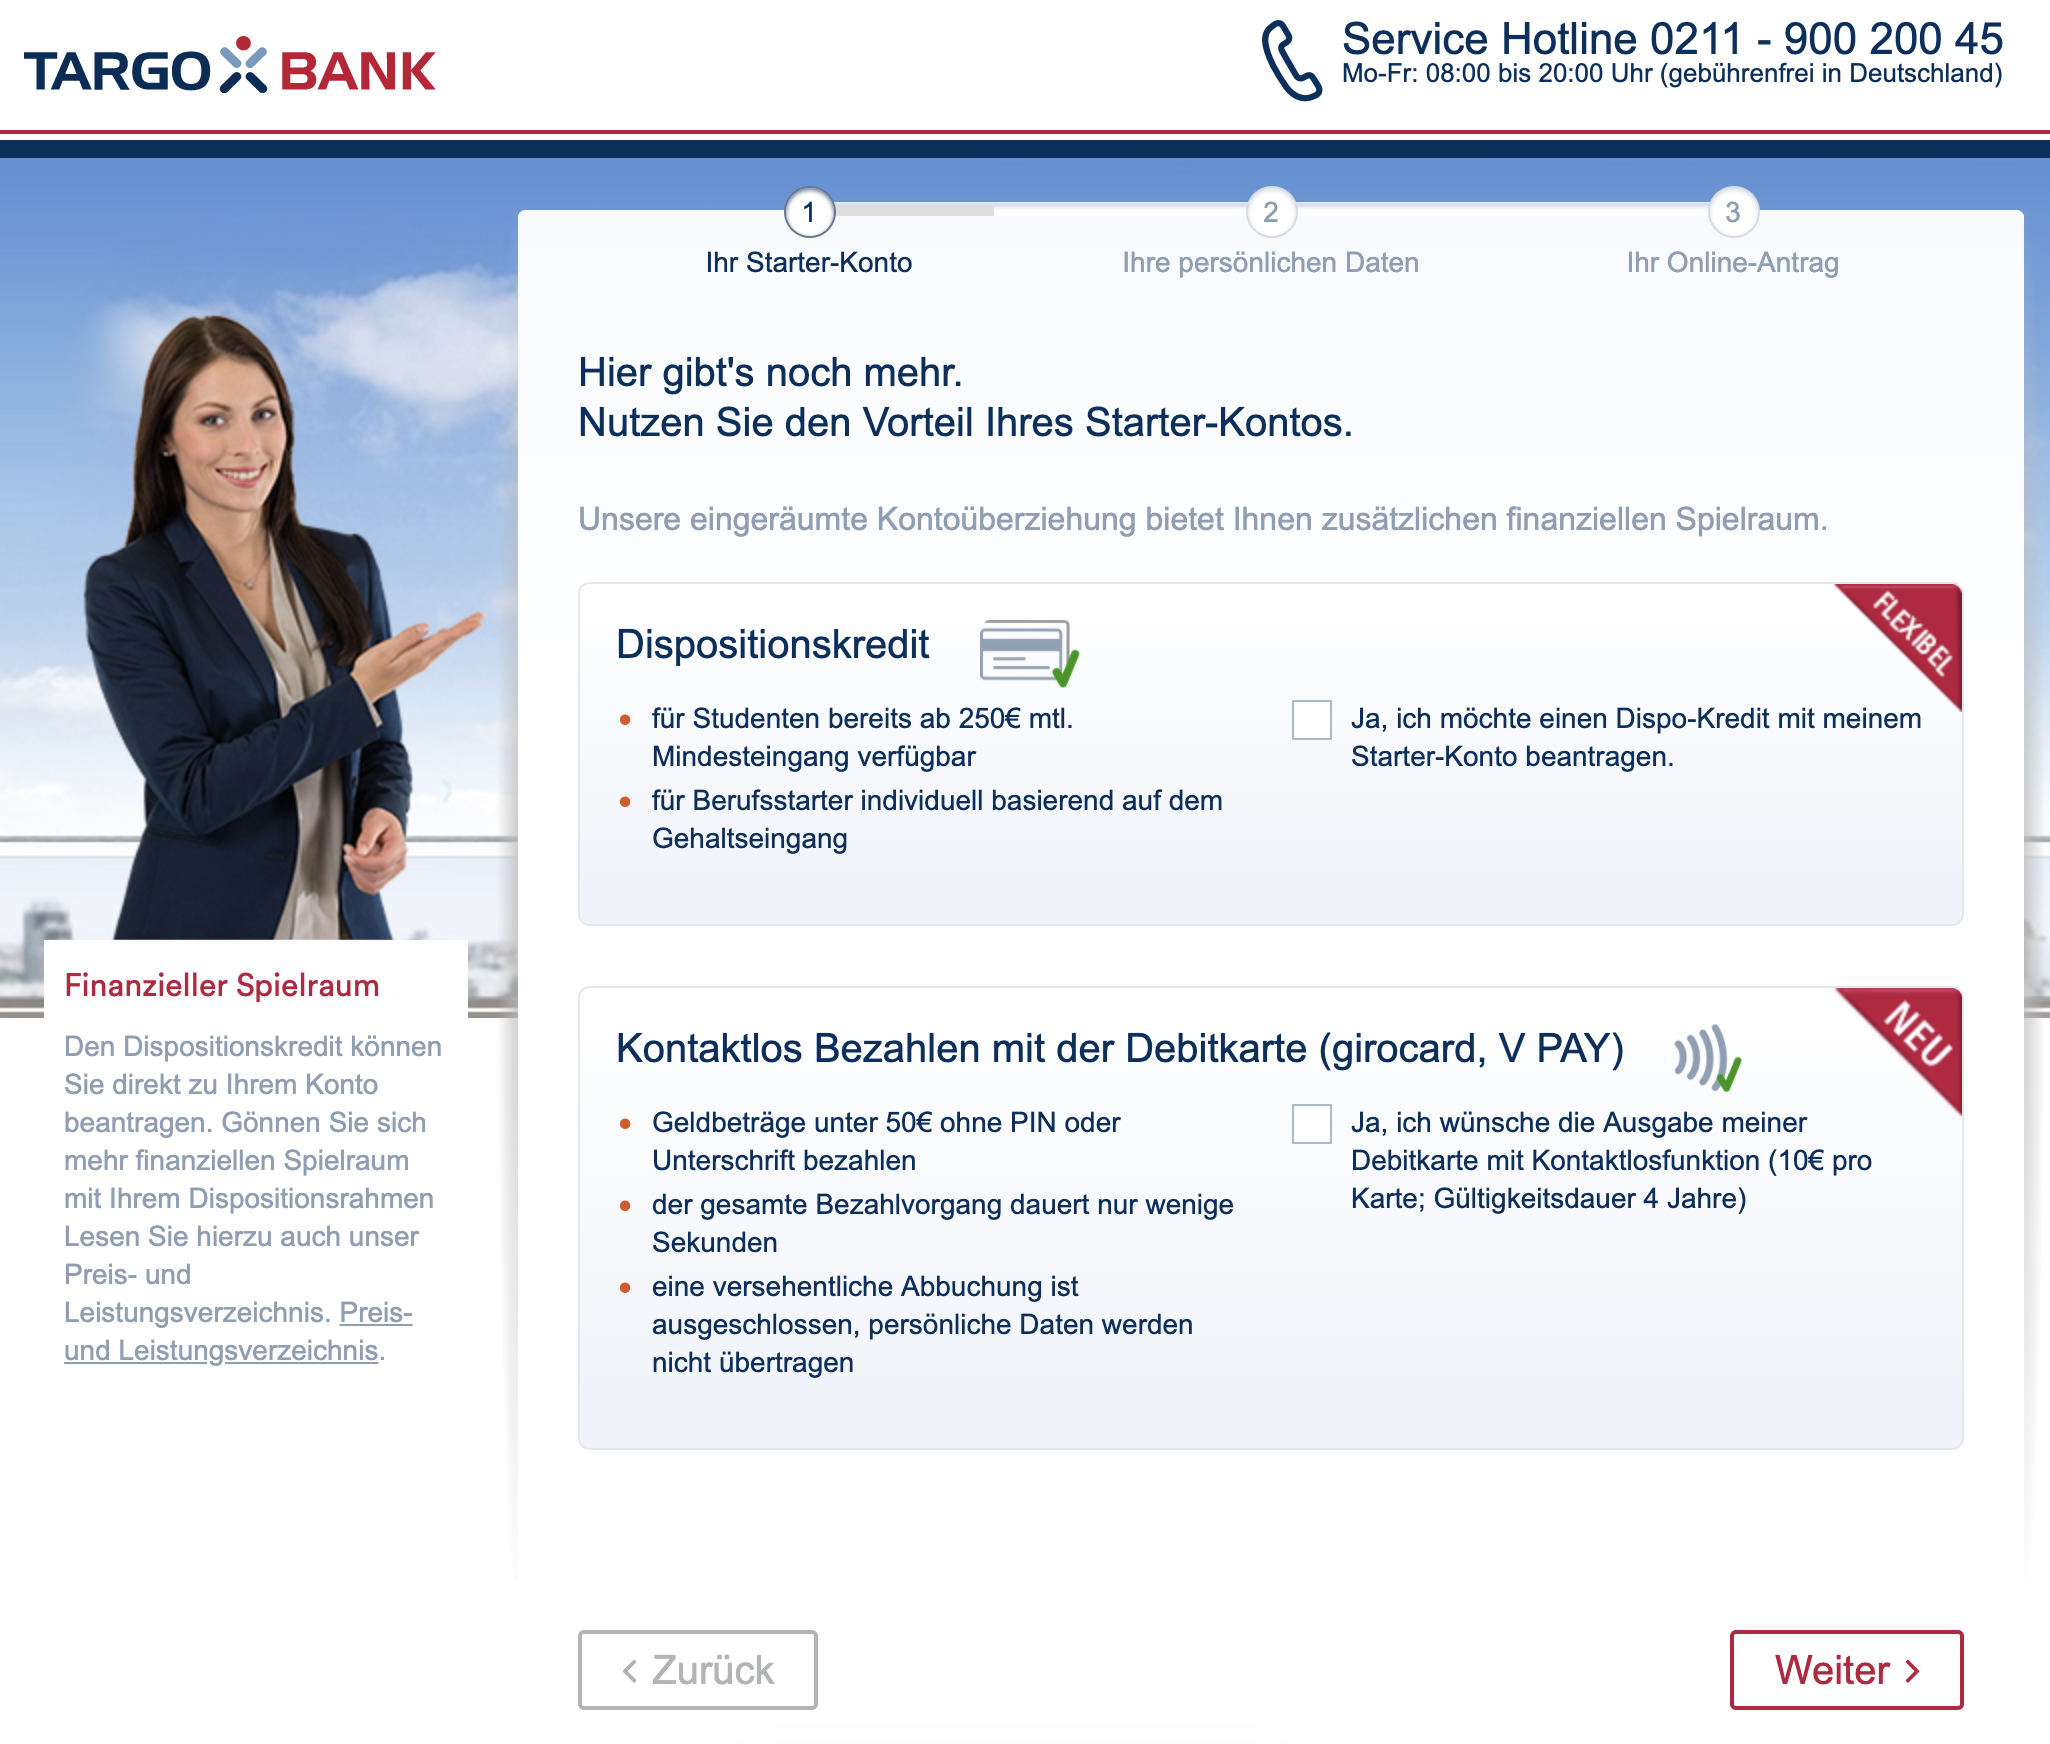 Online-Antrag: Auswahl der Extras zum Targobank Girokonto.